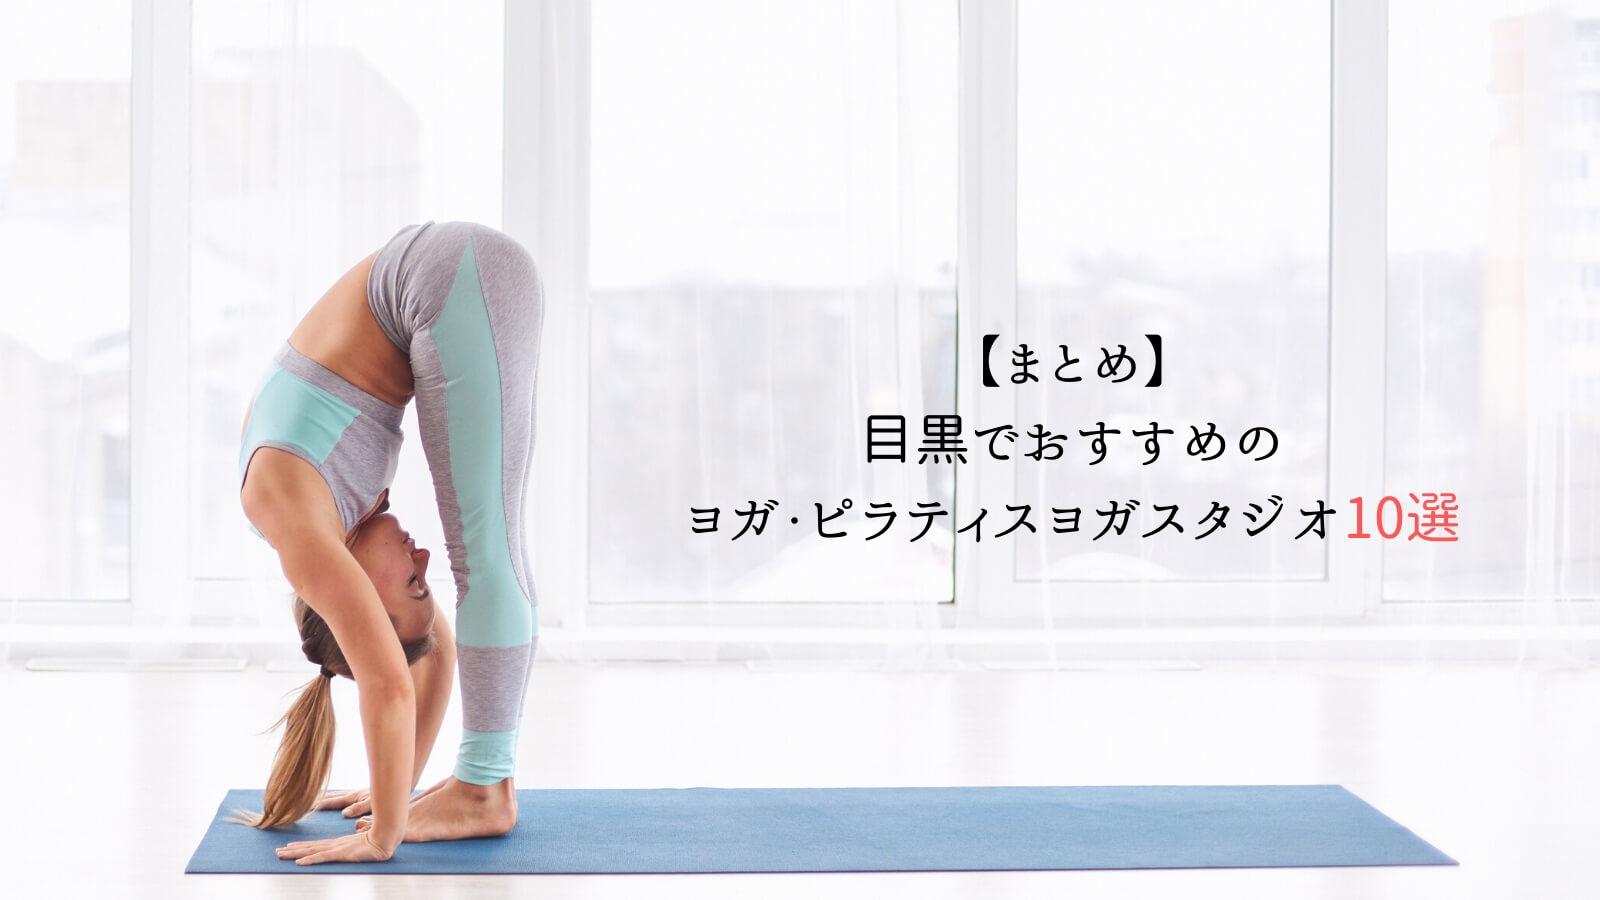 【まとめ】目黒でおすすめのヨガ・ピラティススタジオ10選